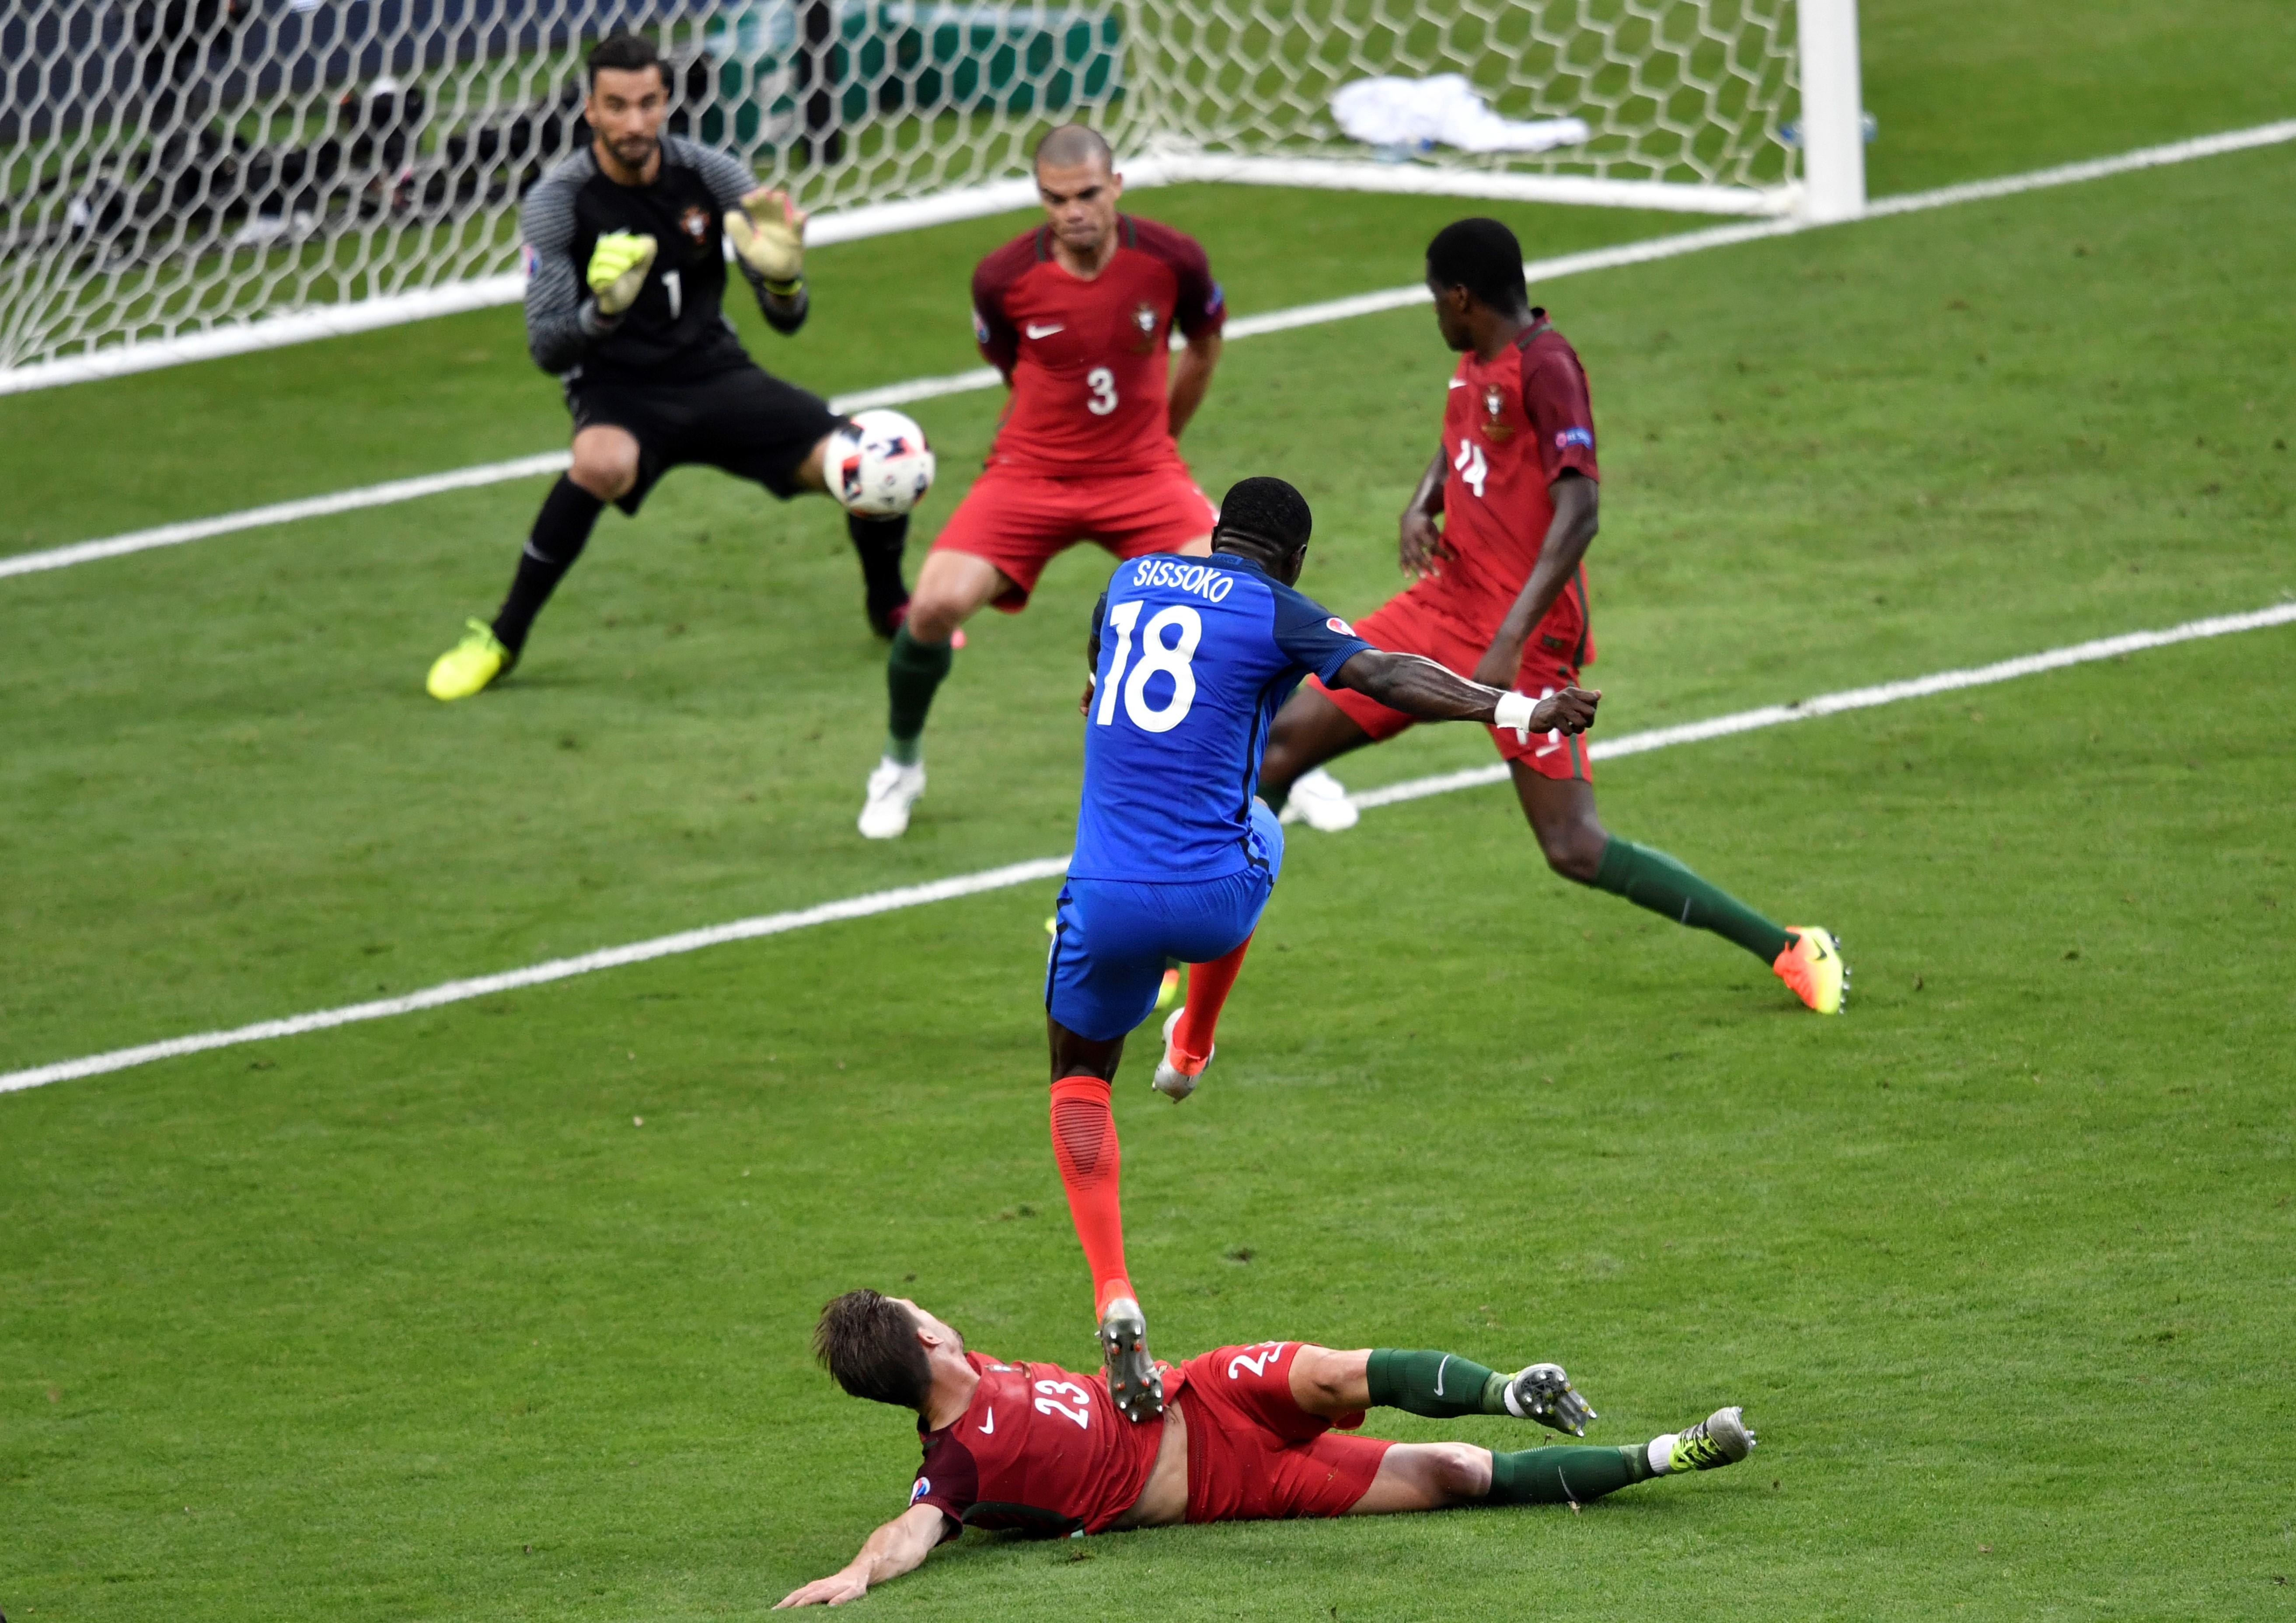 法國中場球員穆薩·穆沙施素高試圖射門。(PHILIPPE LOPEZ/AFP)